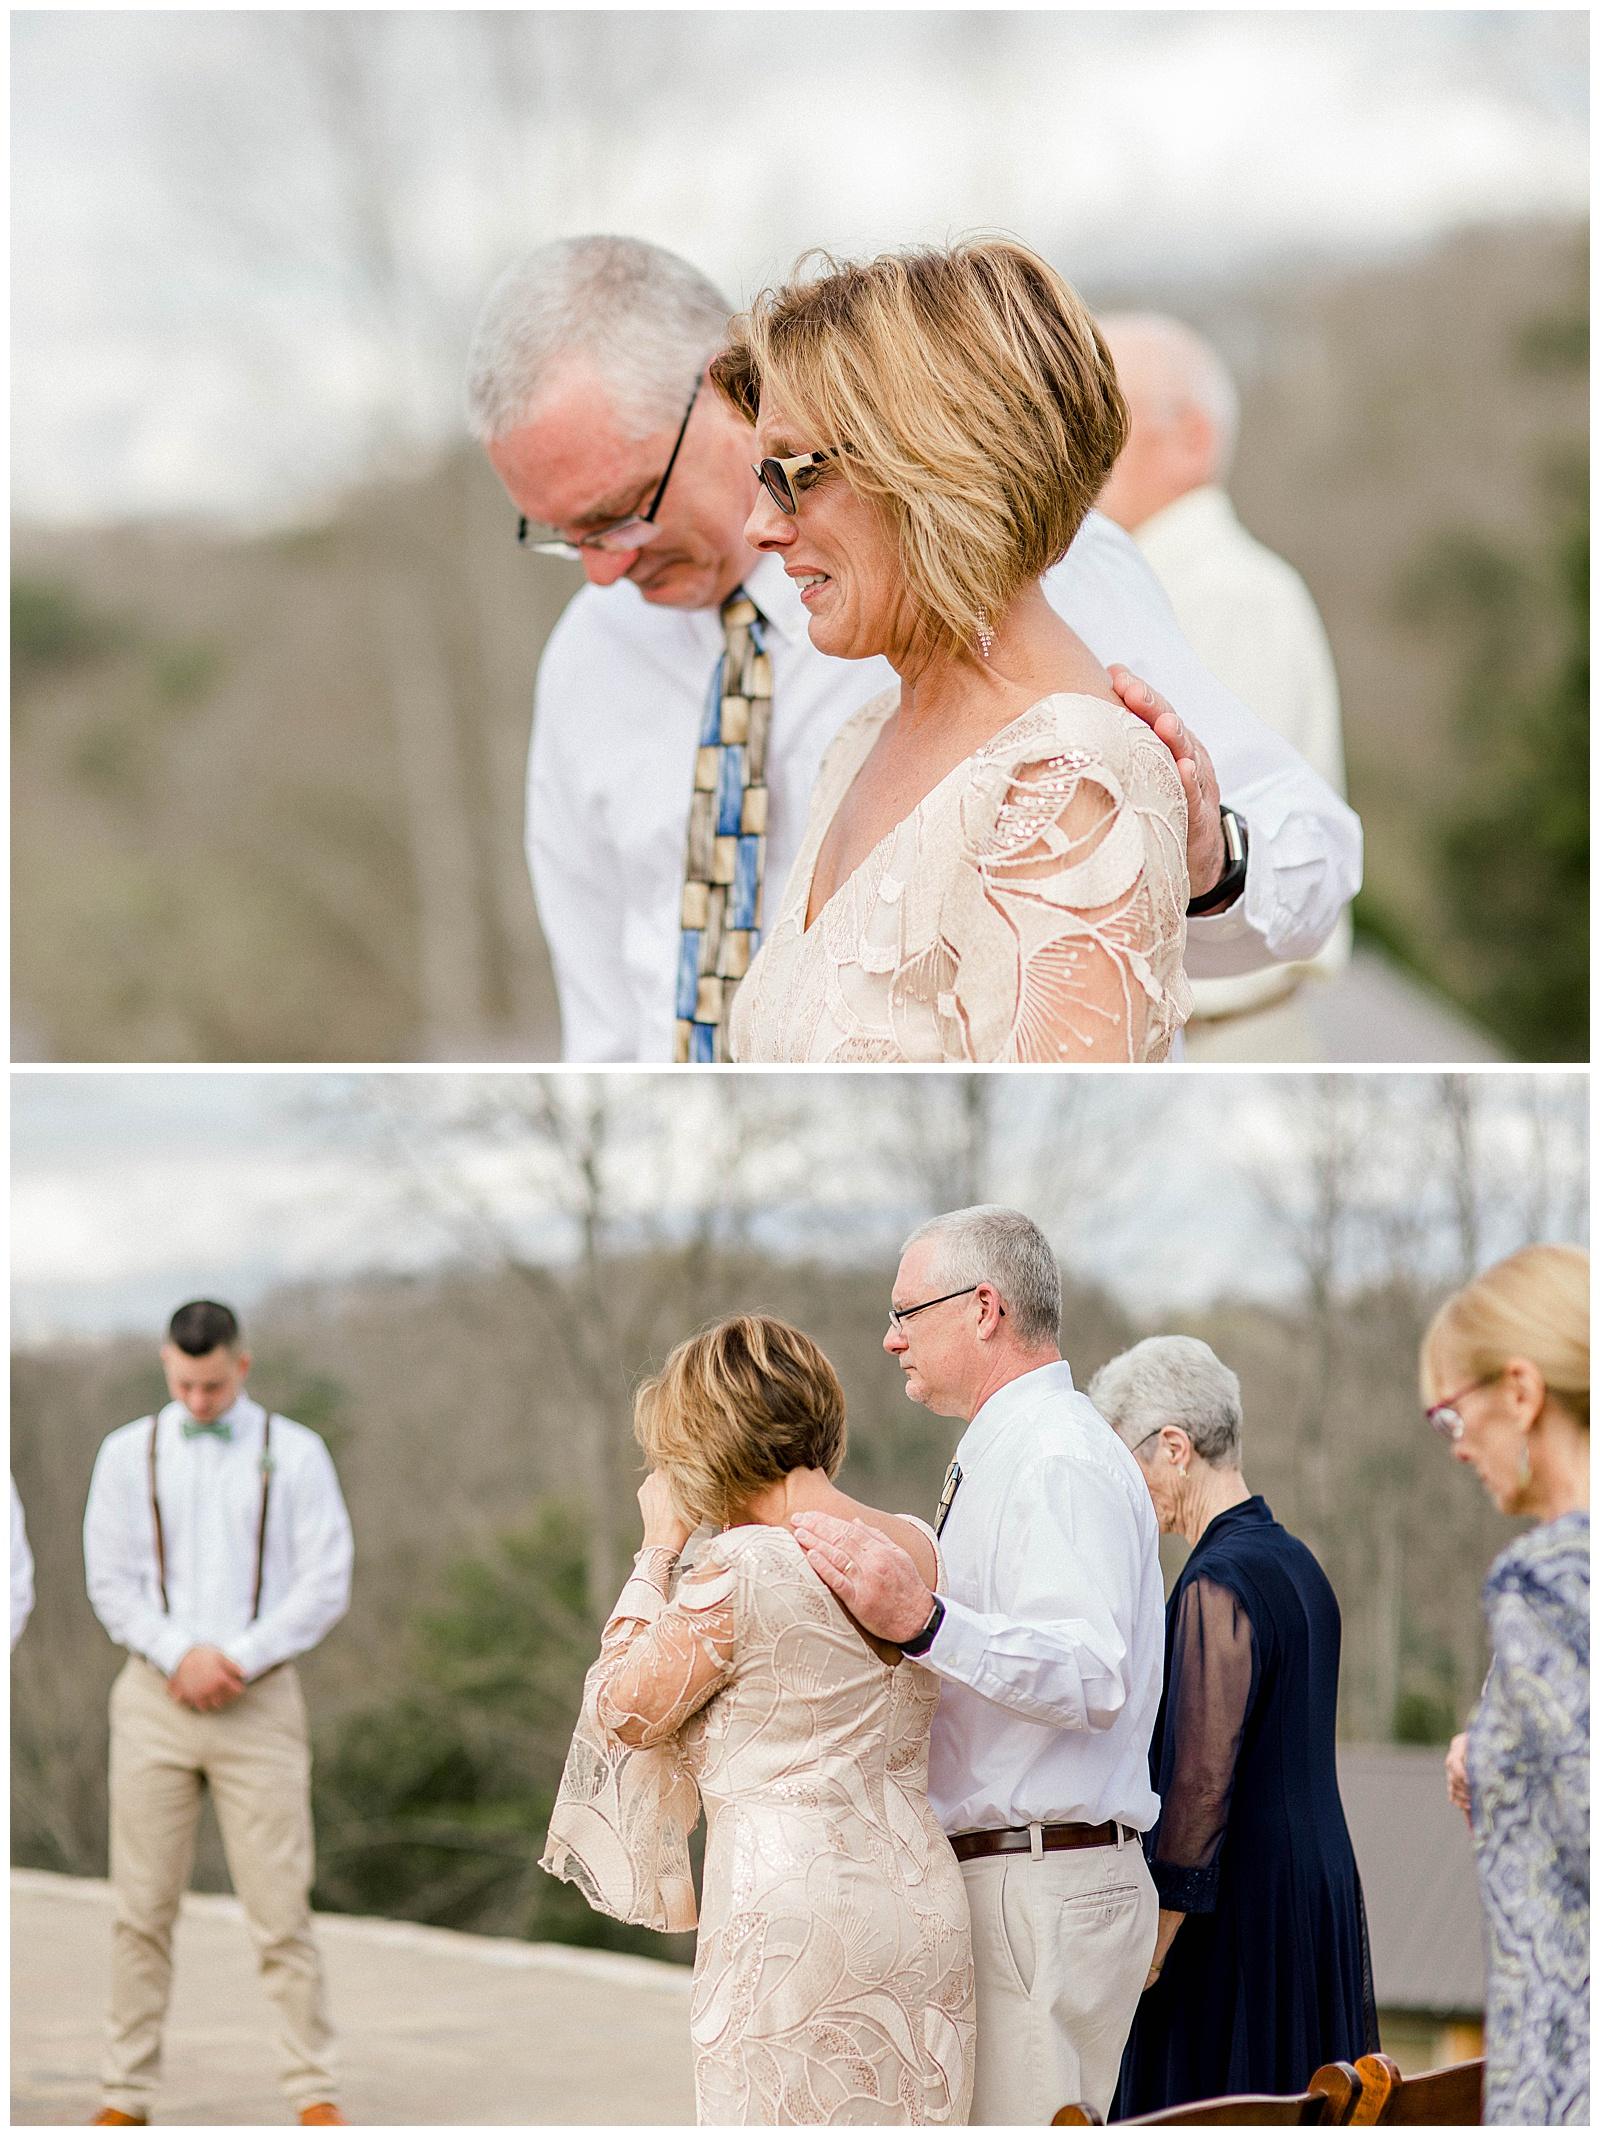 Lewis-Kara-Blakeman-Photography-Huntington-West-Virginia-Wedding-Barn-Olde-Homestead-27